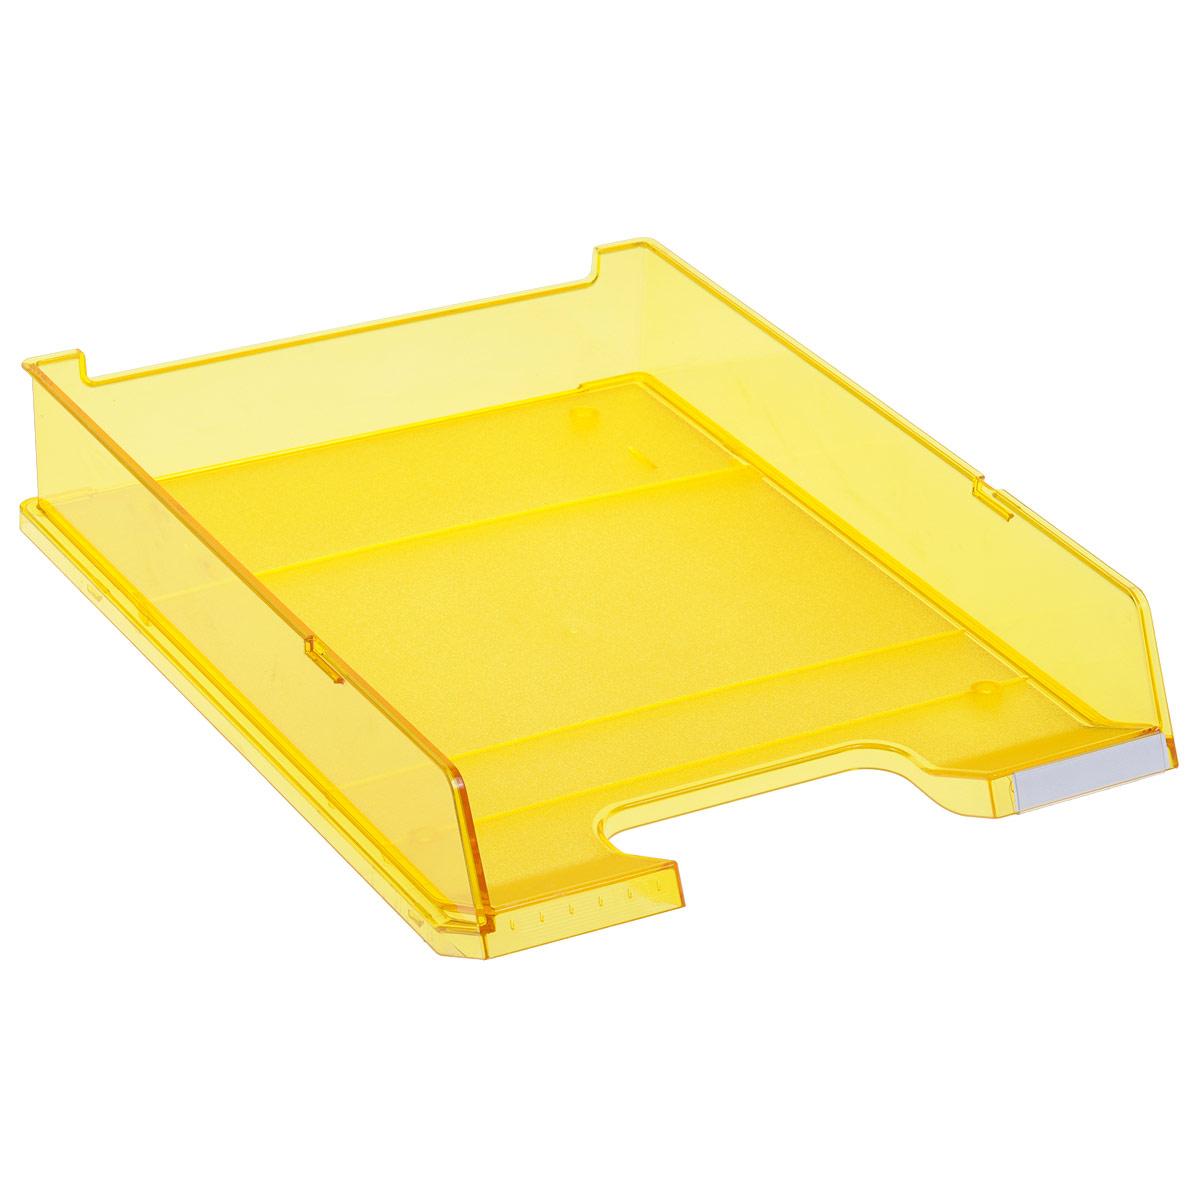 Лоток для бумаг горизонтальный HAN C4, прозрачный, цвет: желтыйHA1020/25Горизонтальный лоток для бумаг HAN C4 предназначен для хранения бумаг и документов формата А4. Лоток с оригинальным дизайном корпуса поможет вам навести порядок на столе и сэкономить пространство.Лоток изготовлен из экологически чистого прозрачного антистатического пластика. Приподнятая фронтальная часть лотка облегчает изъятие документов из накопителя. Лоток имеет пластиковые ножки, предотвращающие скольжение по столу. Также лоток оснащен небольшим прозрачным окошком для этикетки. Лоток для бумаг станет незаменимым помощником для работы с бумагами дома или в офисе, а его стильный дизайн впишется в любой интерьер. Благодаря лотку для бумаг, важные бумаги и документы всегда будут под рукой.Несколько лотков можно ставить друг на друга, один в другой и друг на друга со смещением.